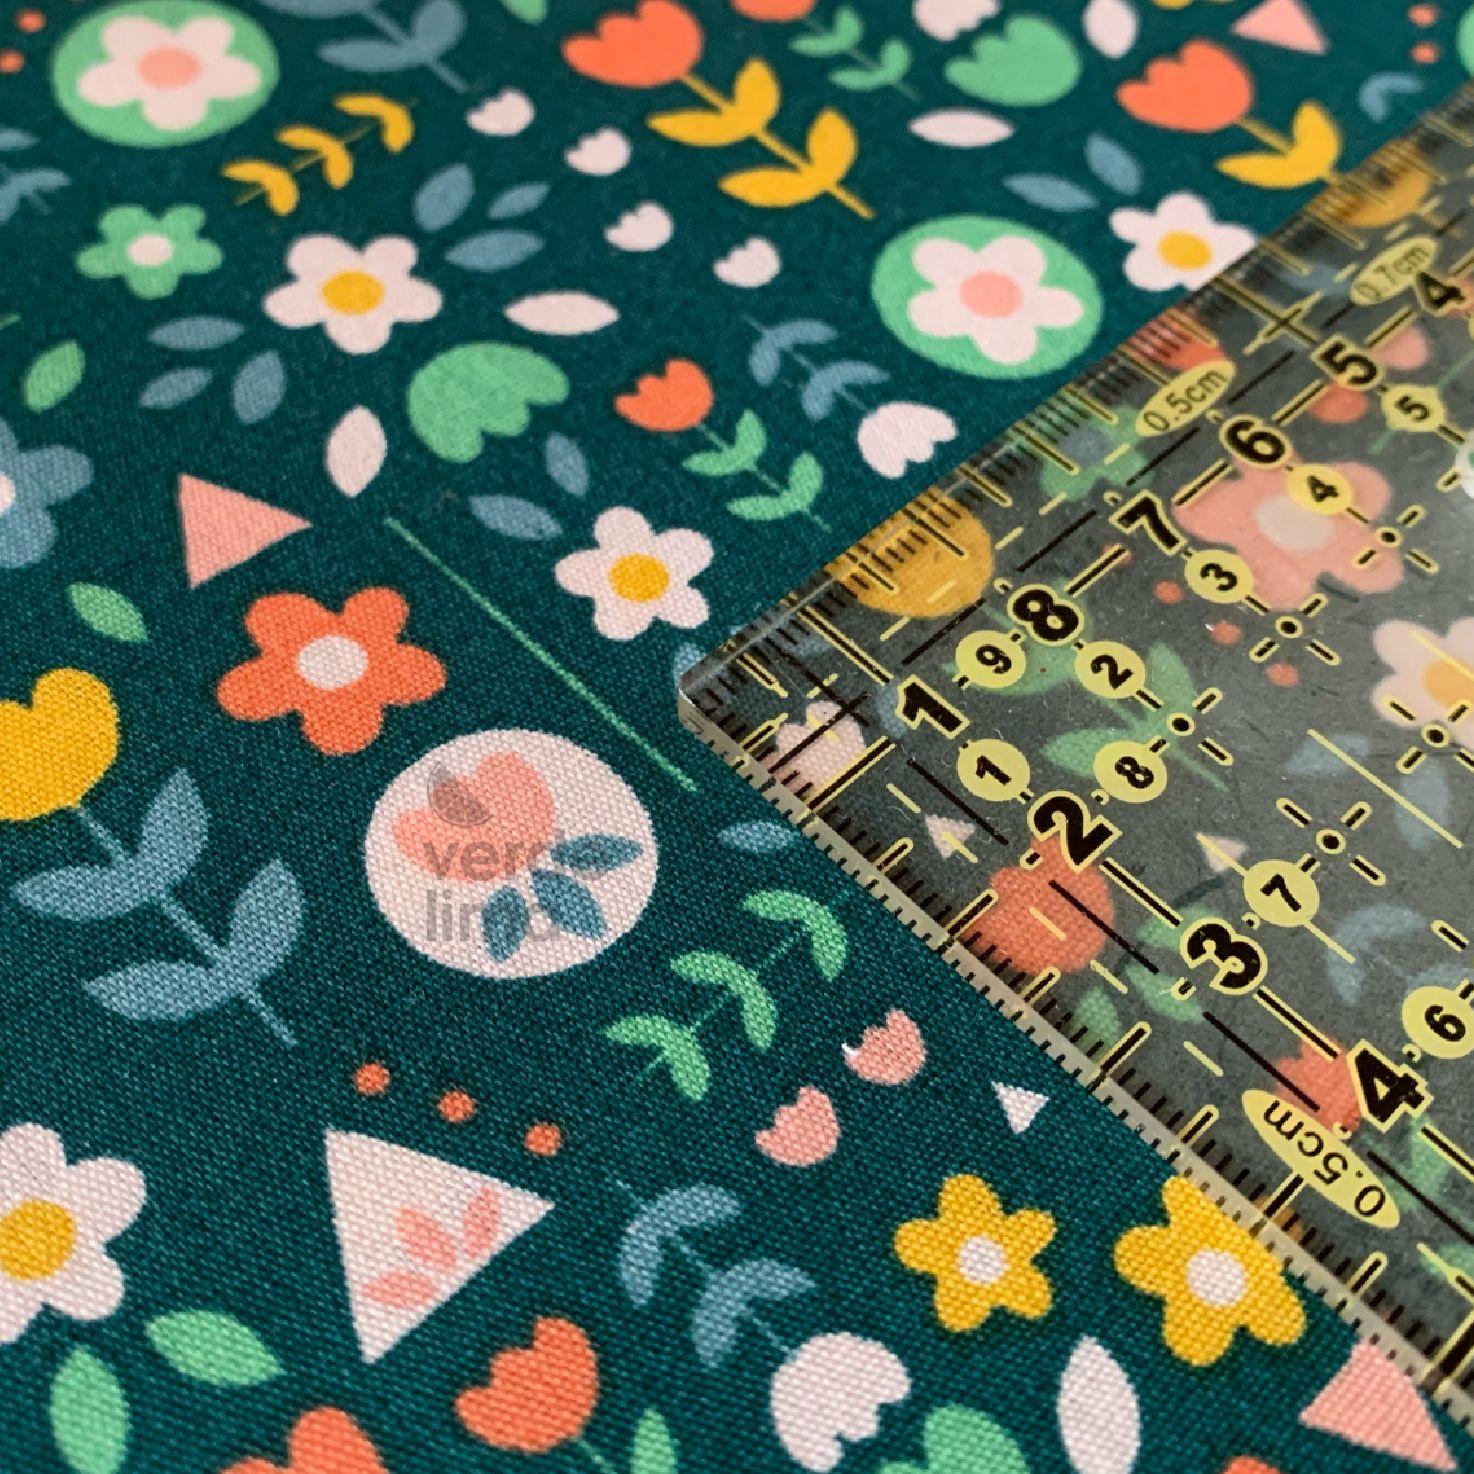 Happy feeling flores - fundo verde (plastificado)